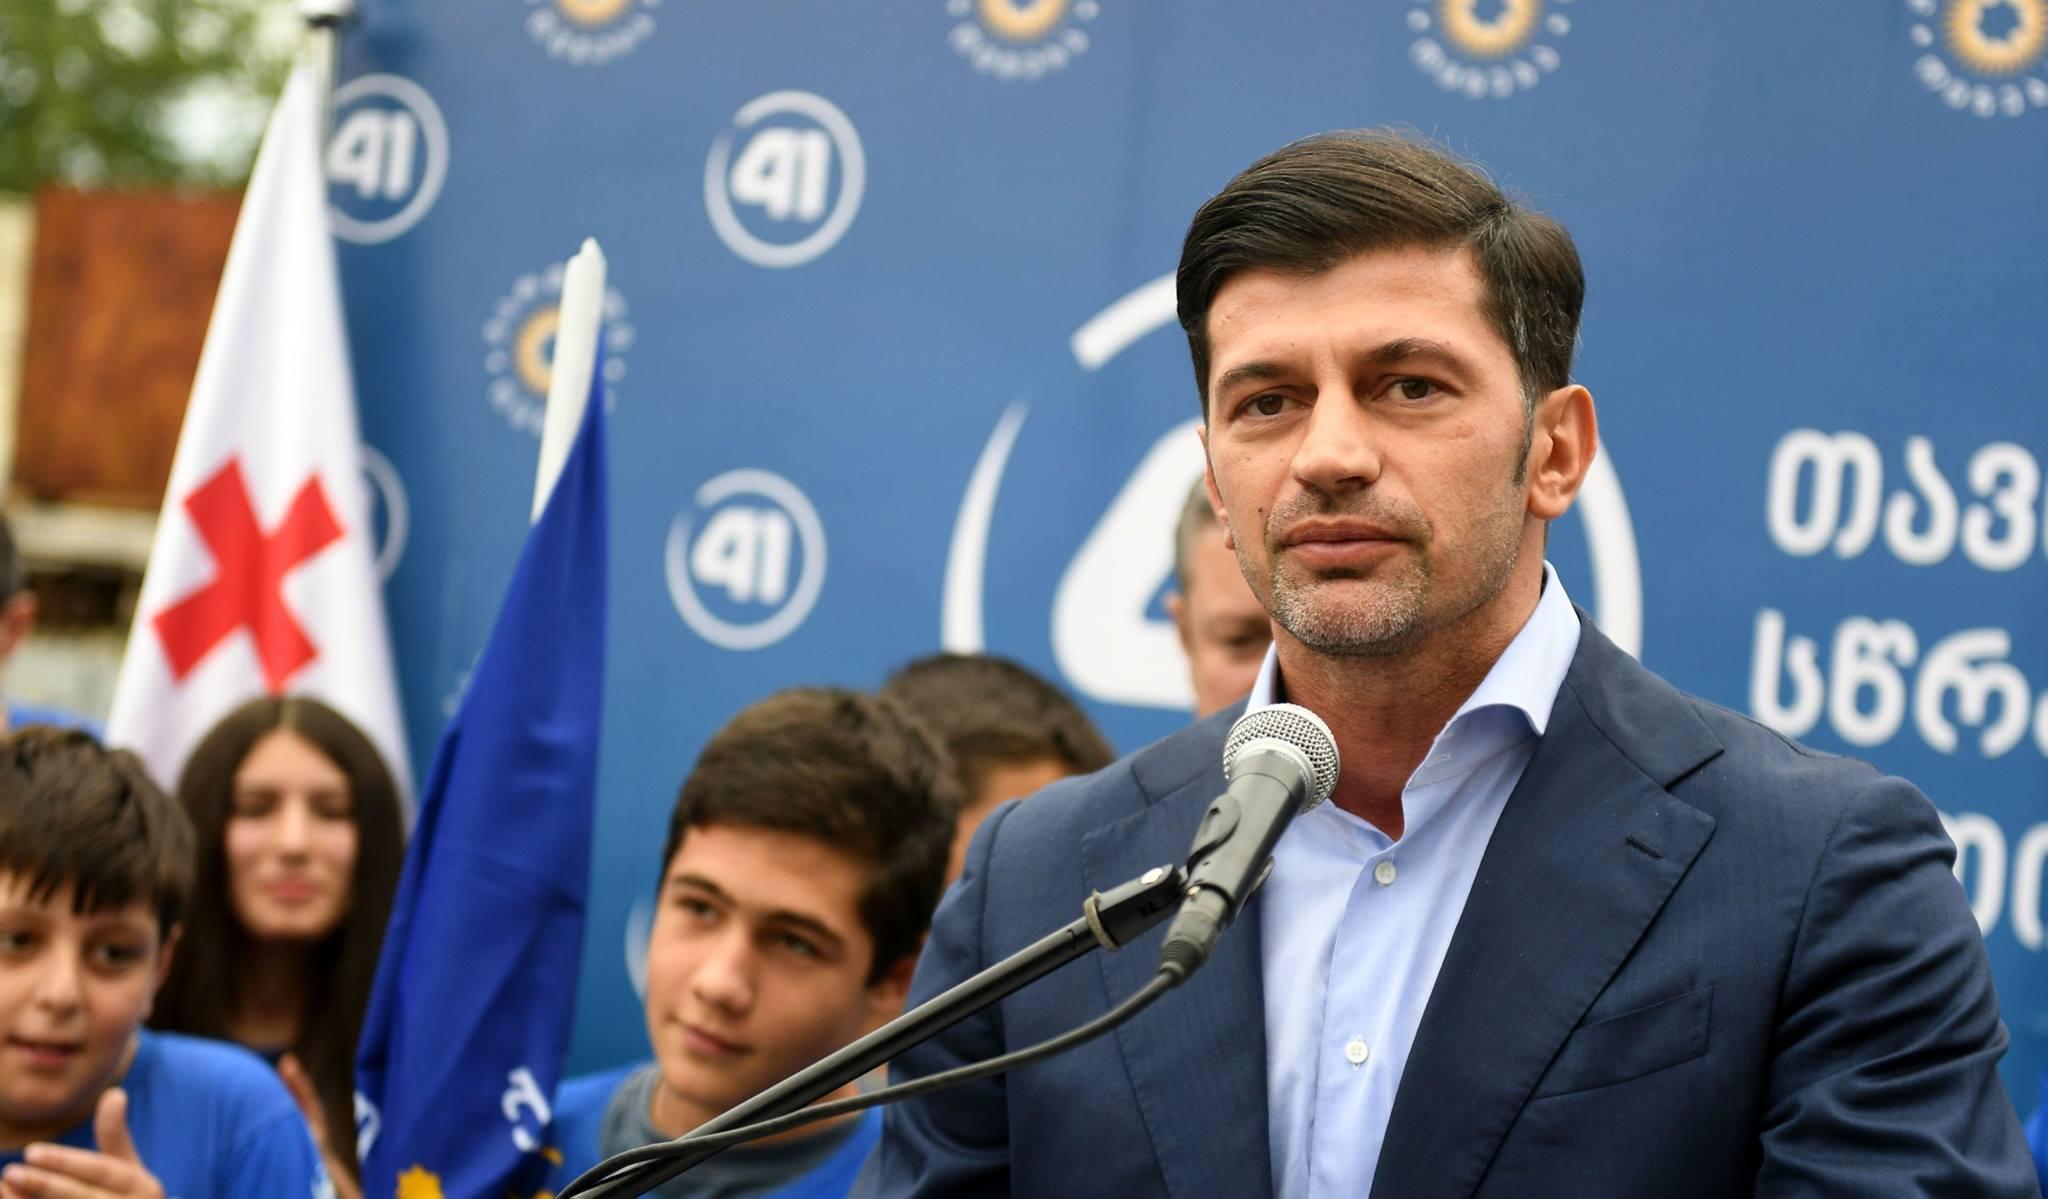 Шевченко, Блохин и еще семь известных футболистов, побывавших в политике - изображение 4